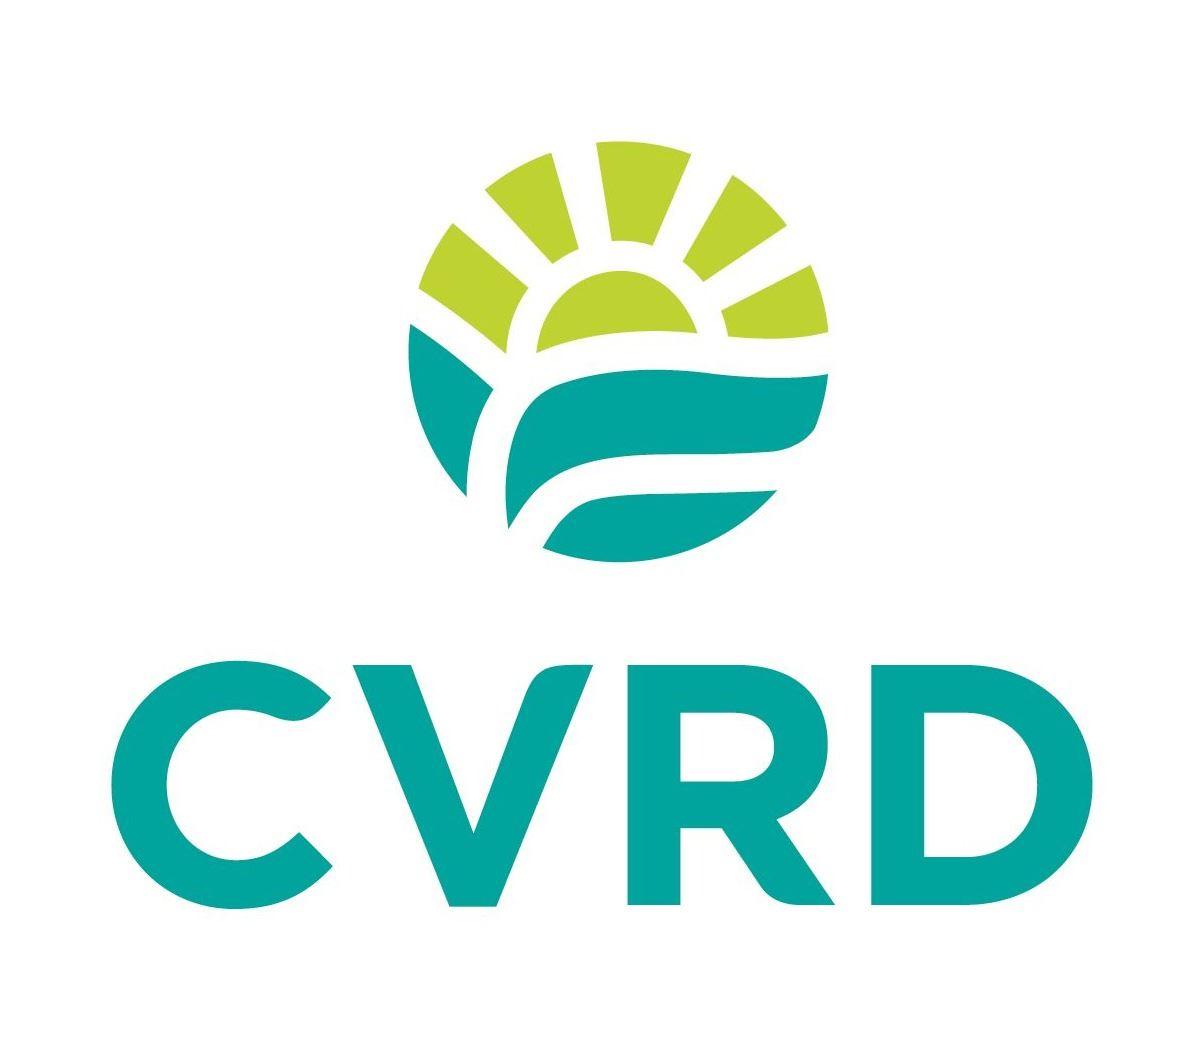 CVRD_CMYK